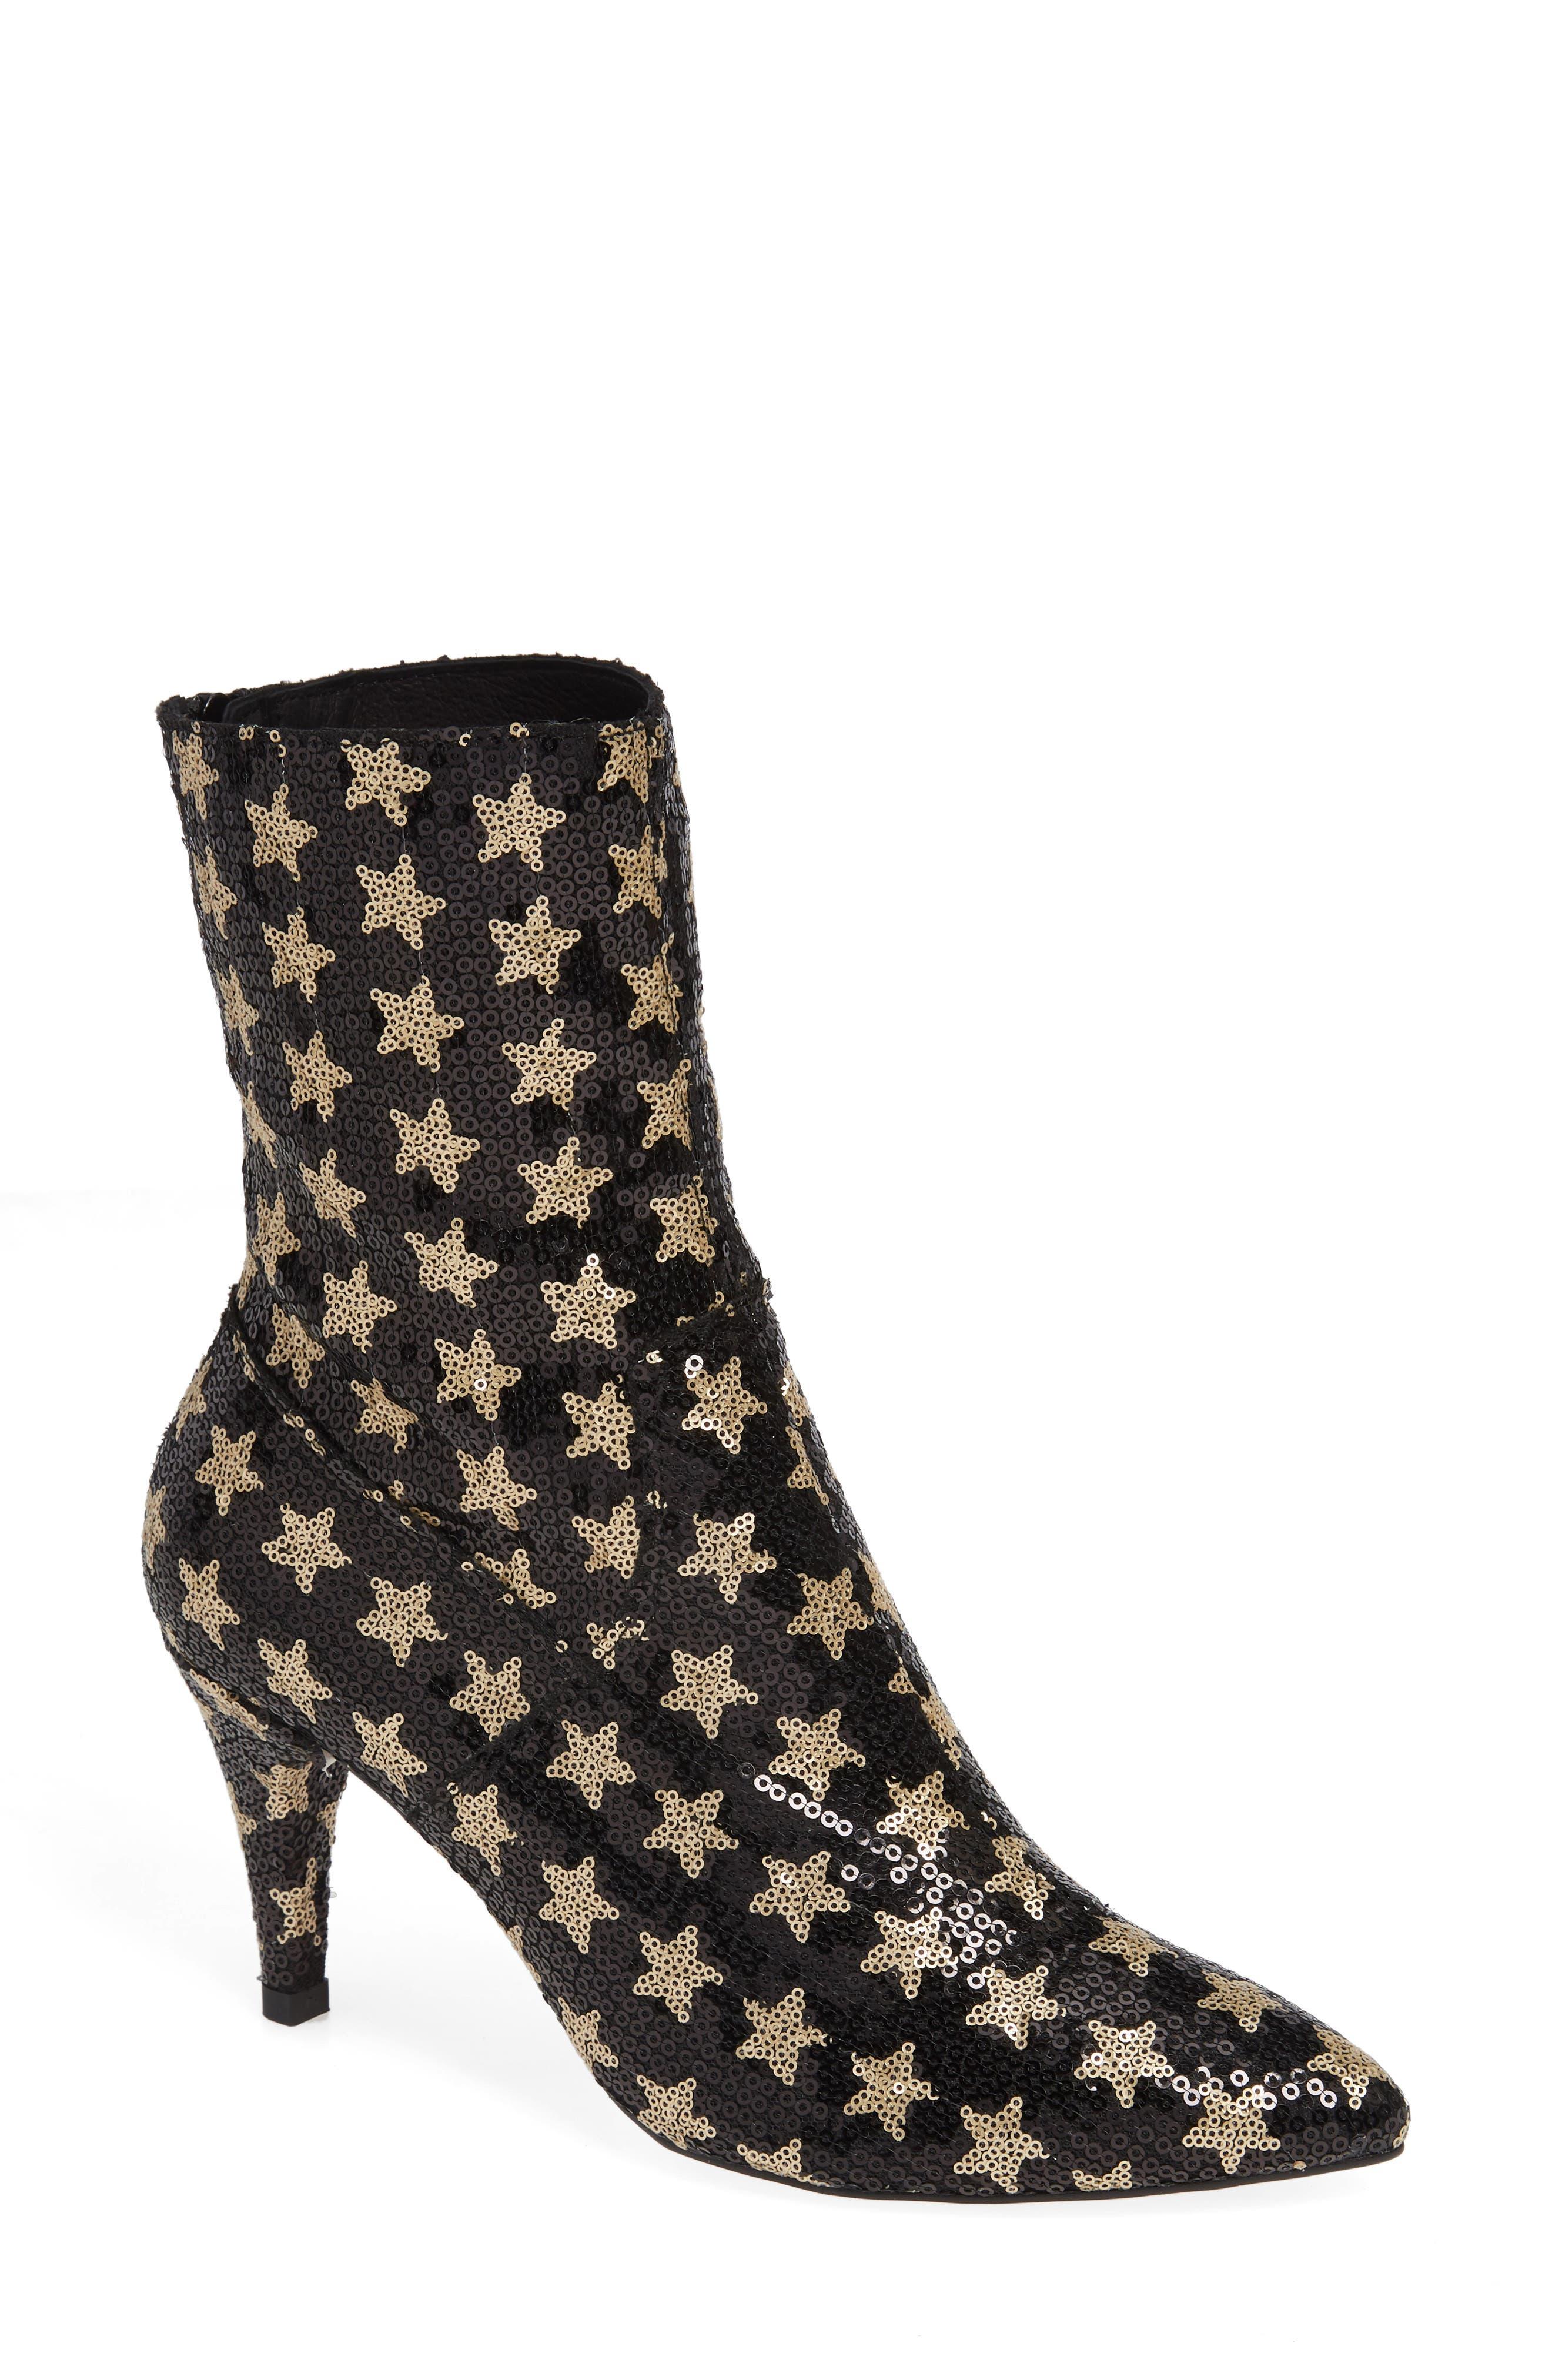 Lexi Boot,                         Main,                         color, BLACK MULTICOLOR